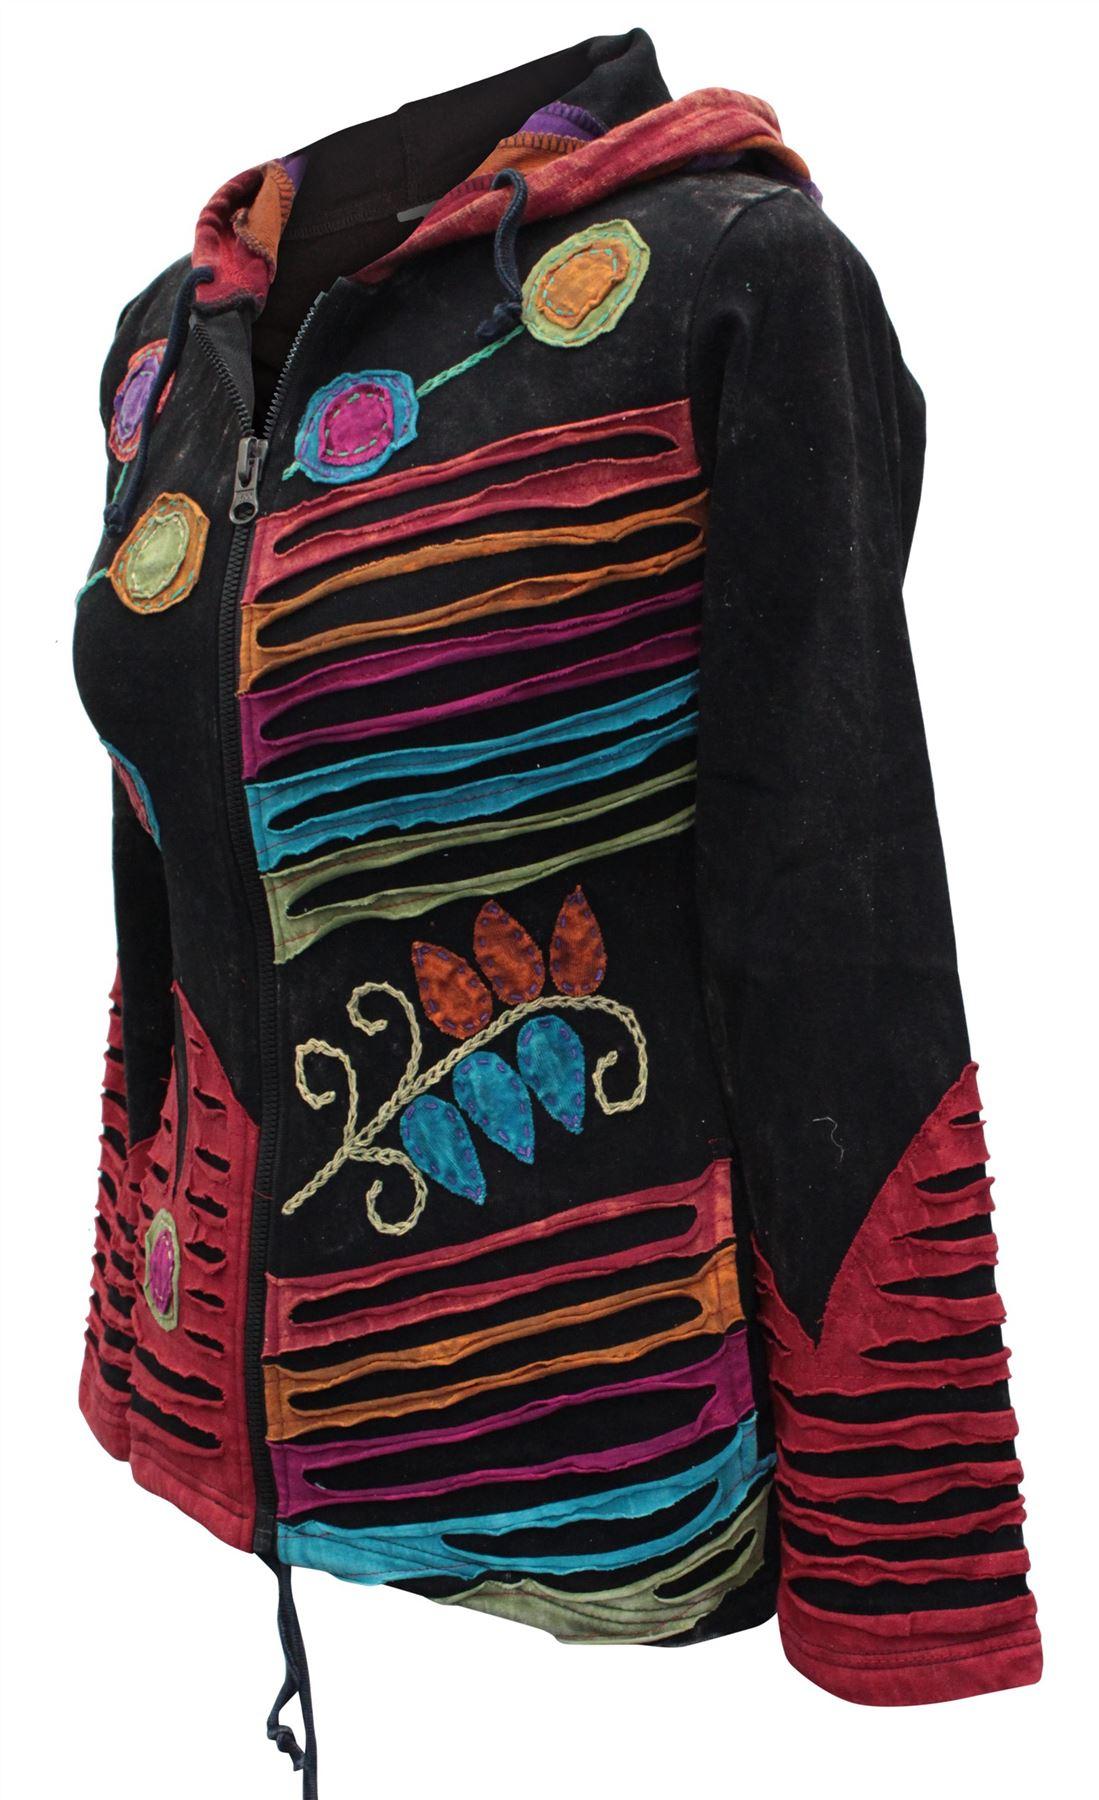 Rusty Grunge Emo Goth Hippie Boho Punk Gypsy Women Festival Hoodie Retro Jacket